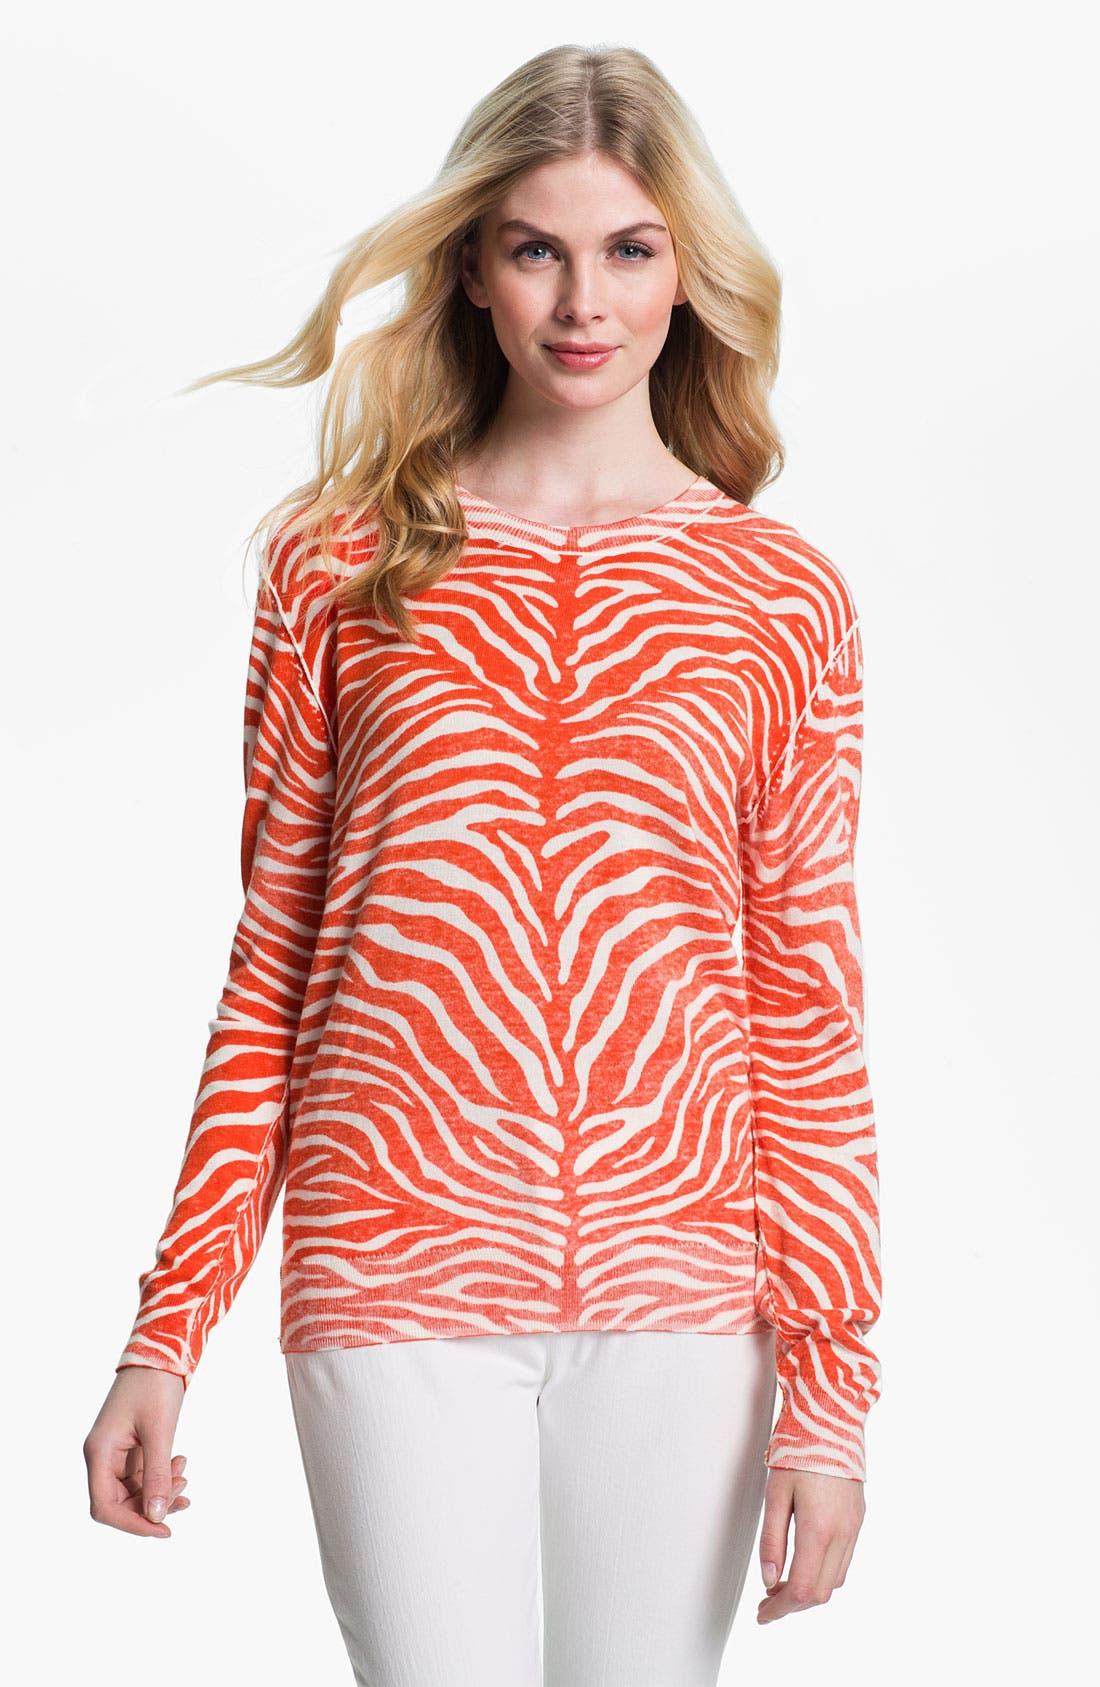 Alternate Image 1 Selected - MICHAEL Michael Kors Zebra Print Sweater